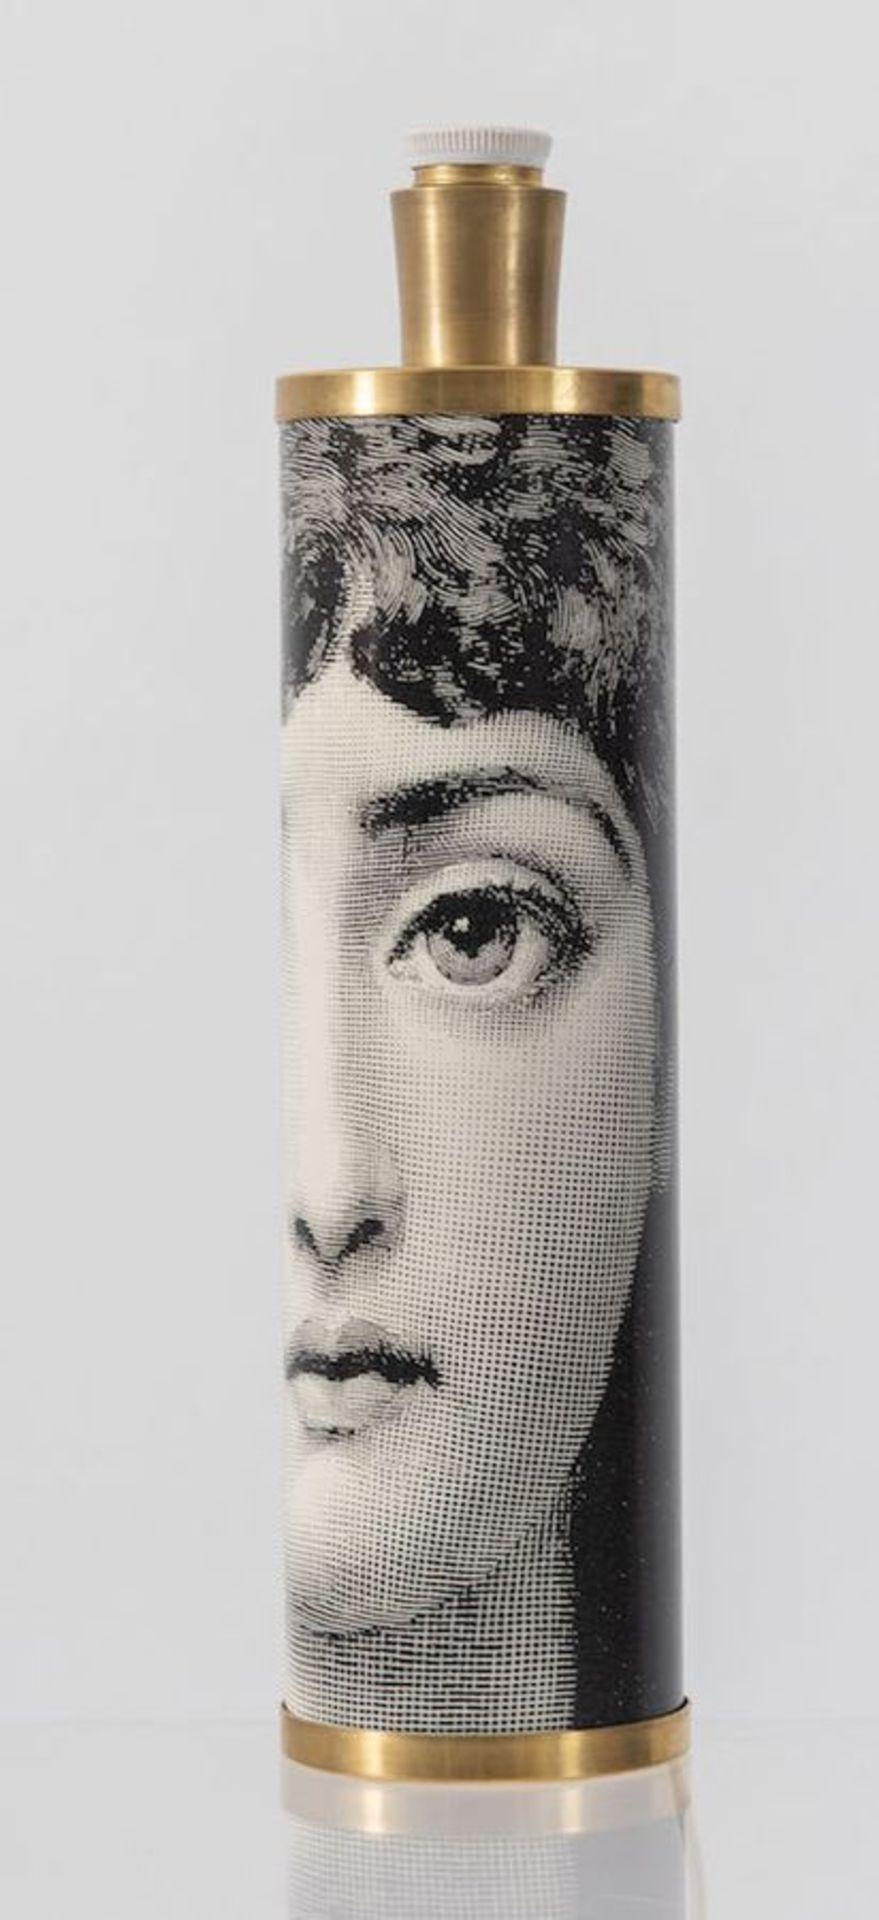 PIERO FORNASETTI Lampada da tavolo in metallo e ottone. Prod. Fornasetti, Italia, 1960 ca. Cm 42,5x1 - Bild 3 aus 3